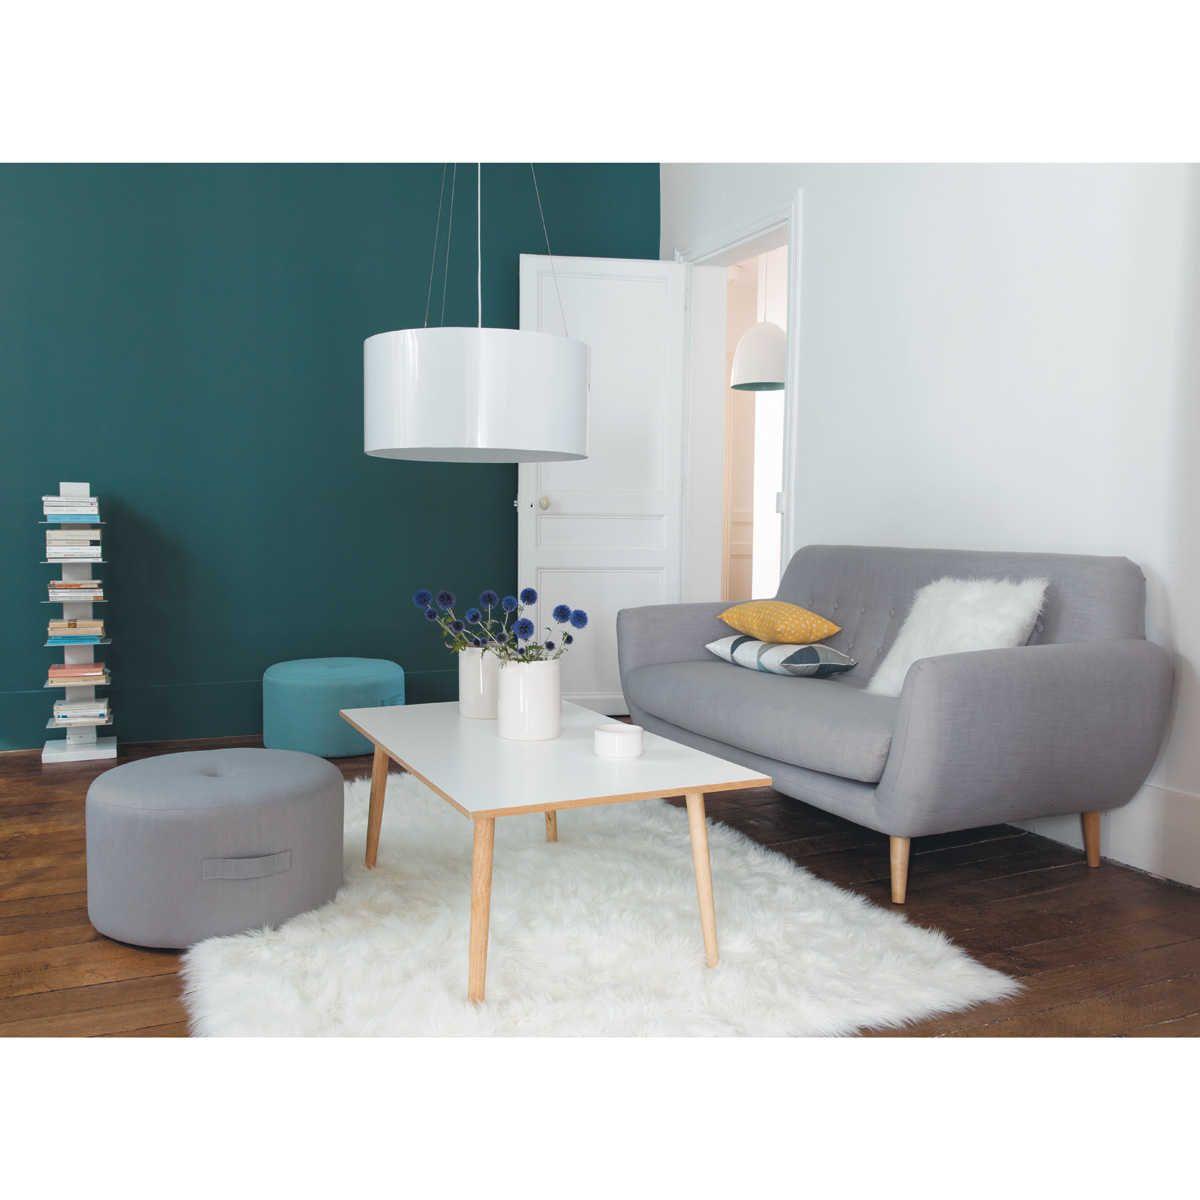 Table basse vintage blanche Fjord | Idées pour la maison ...